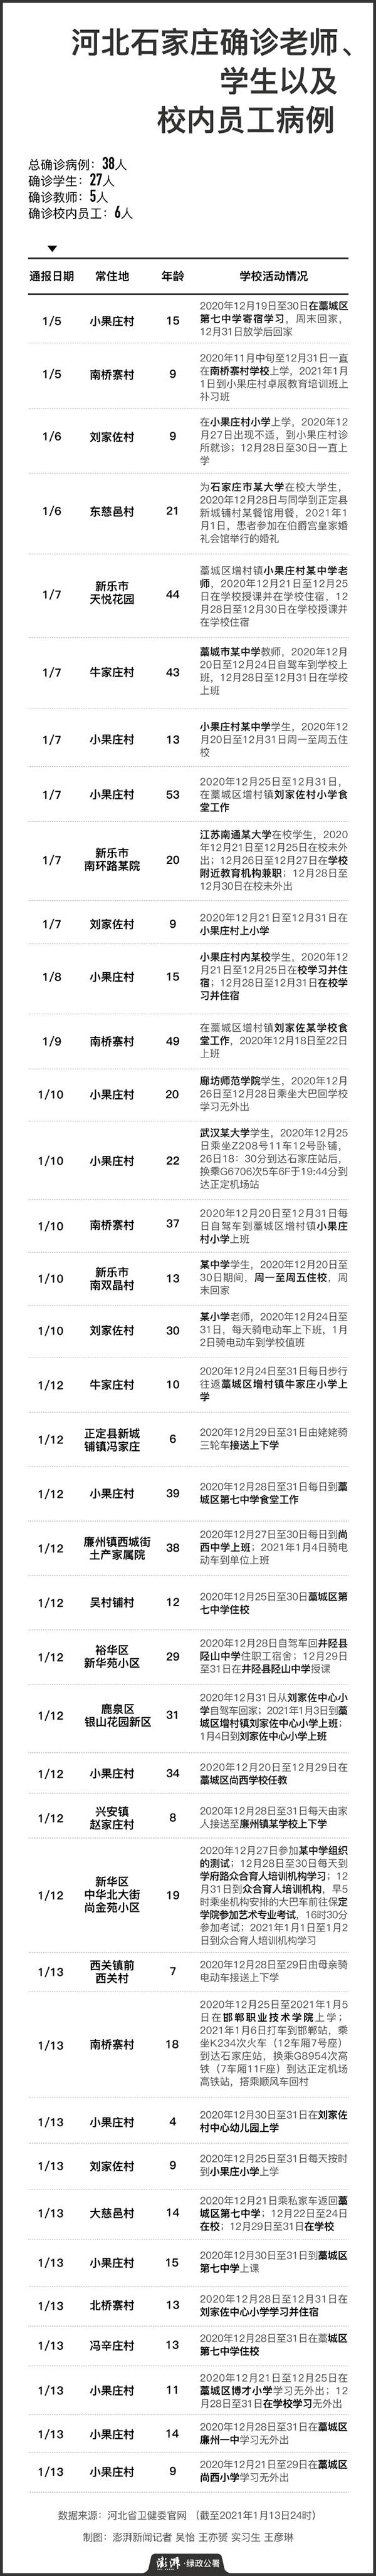 河北石家庄确诊新冠肺炎的教师、学生以及校内员工病例。制图:澎湃新闻记者 吴怡 王亦赟 实习生 王彦琳